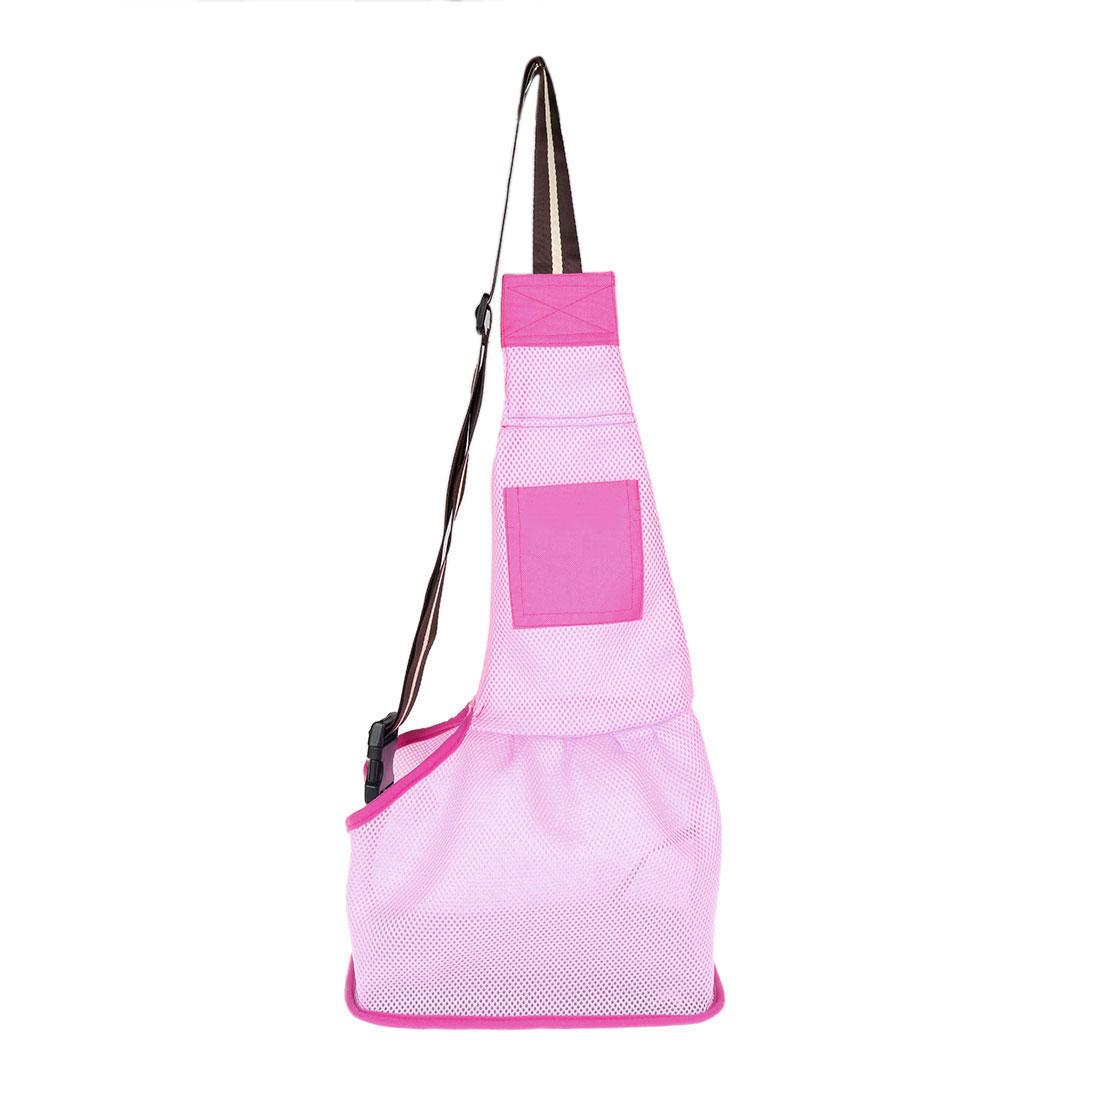 Travel Mesh Cloth Adjustable Single Shoulder Dog Cat Pet Carrier Bag Backpack Tote Pink L